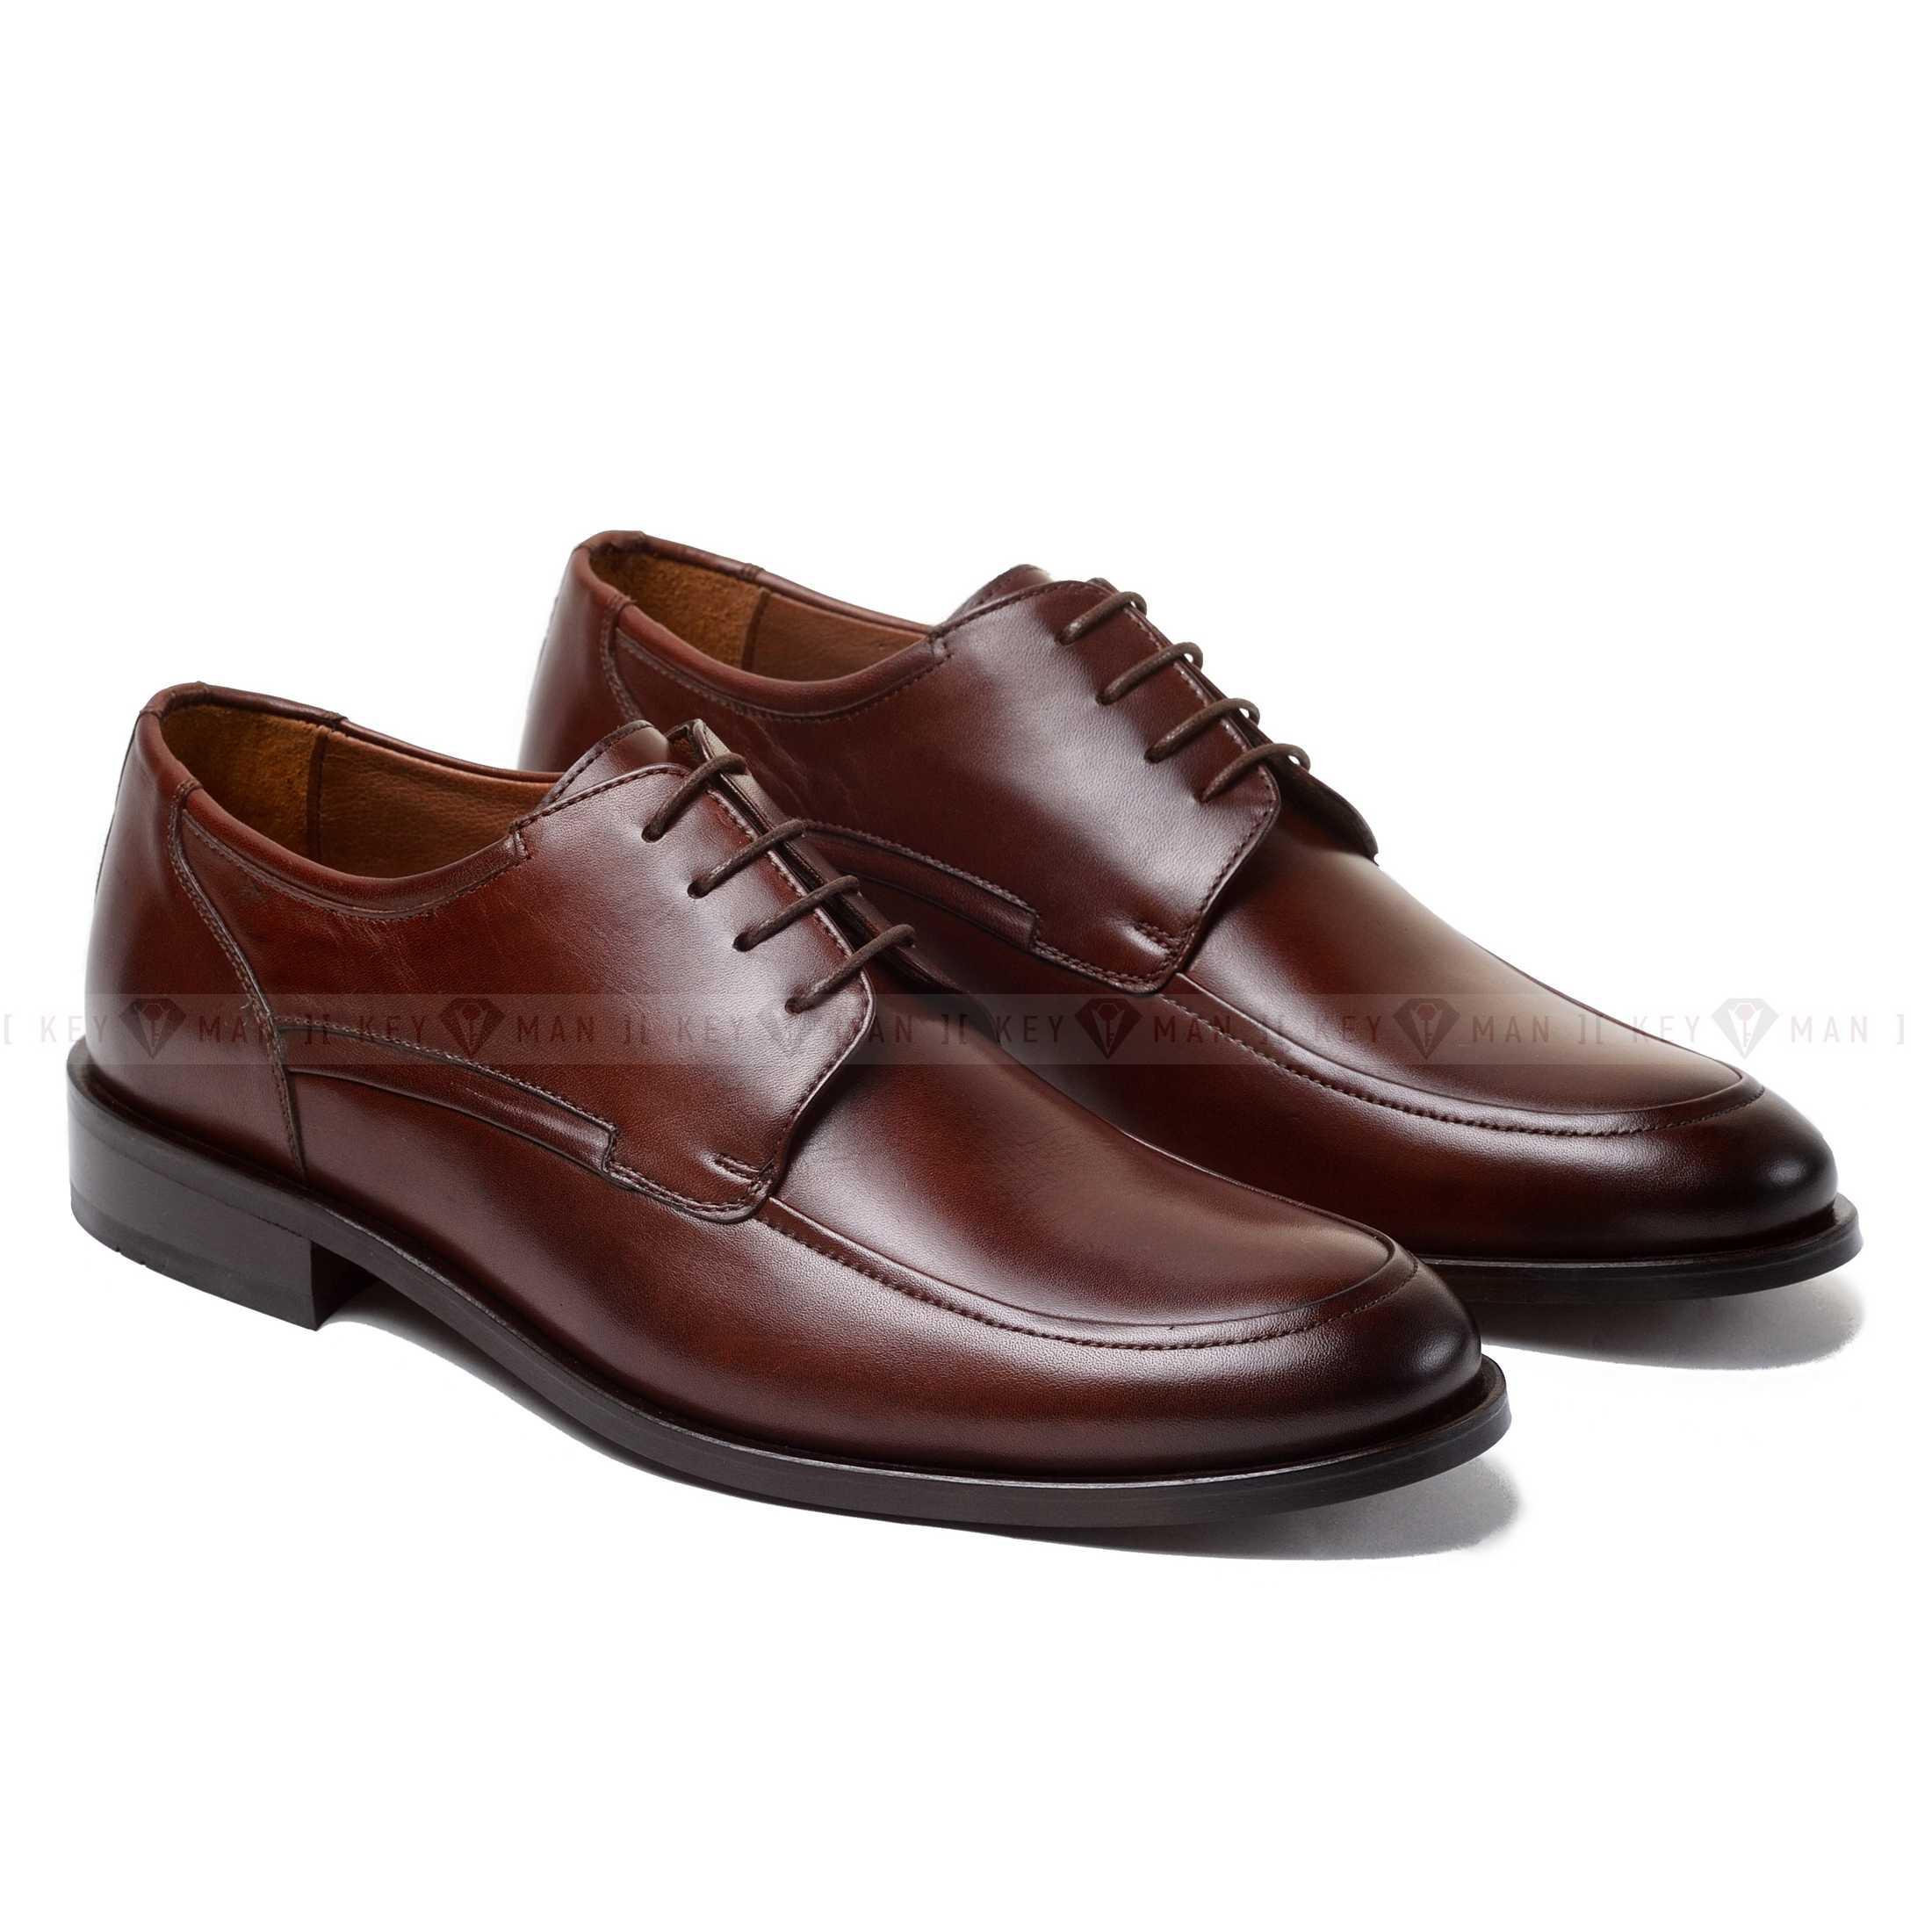 Туфли мужские дерби коричневые (Derby Moc Toe)